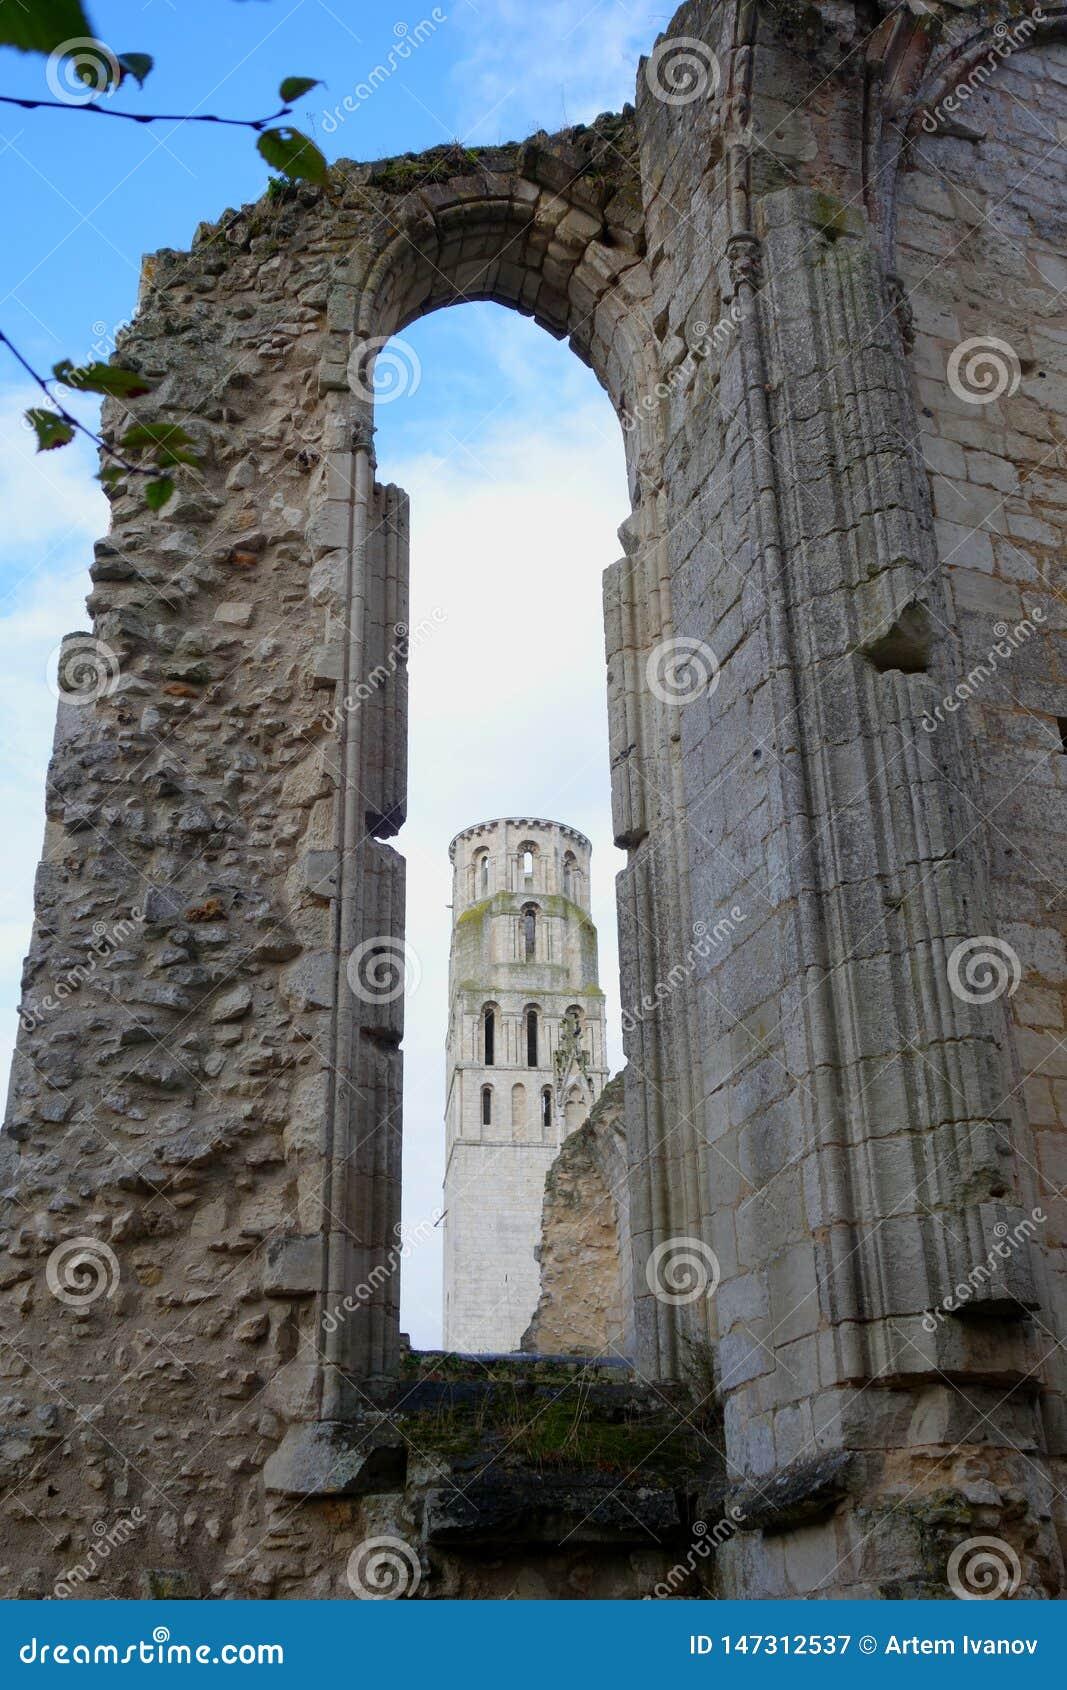 Canal de la visión la ventana en la pared arruinada de la iglesia gótica